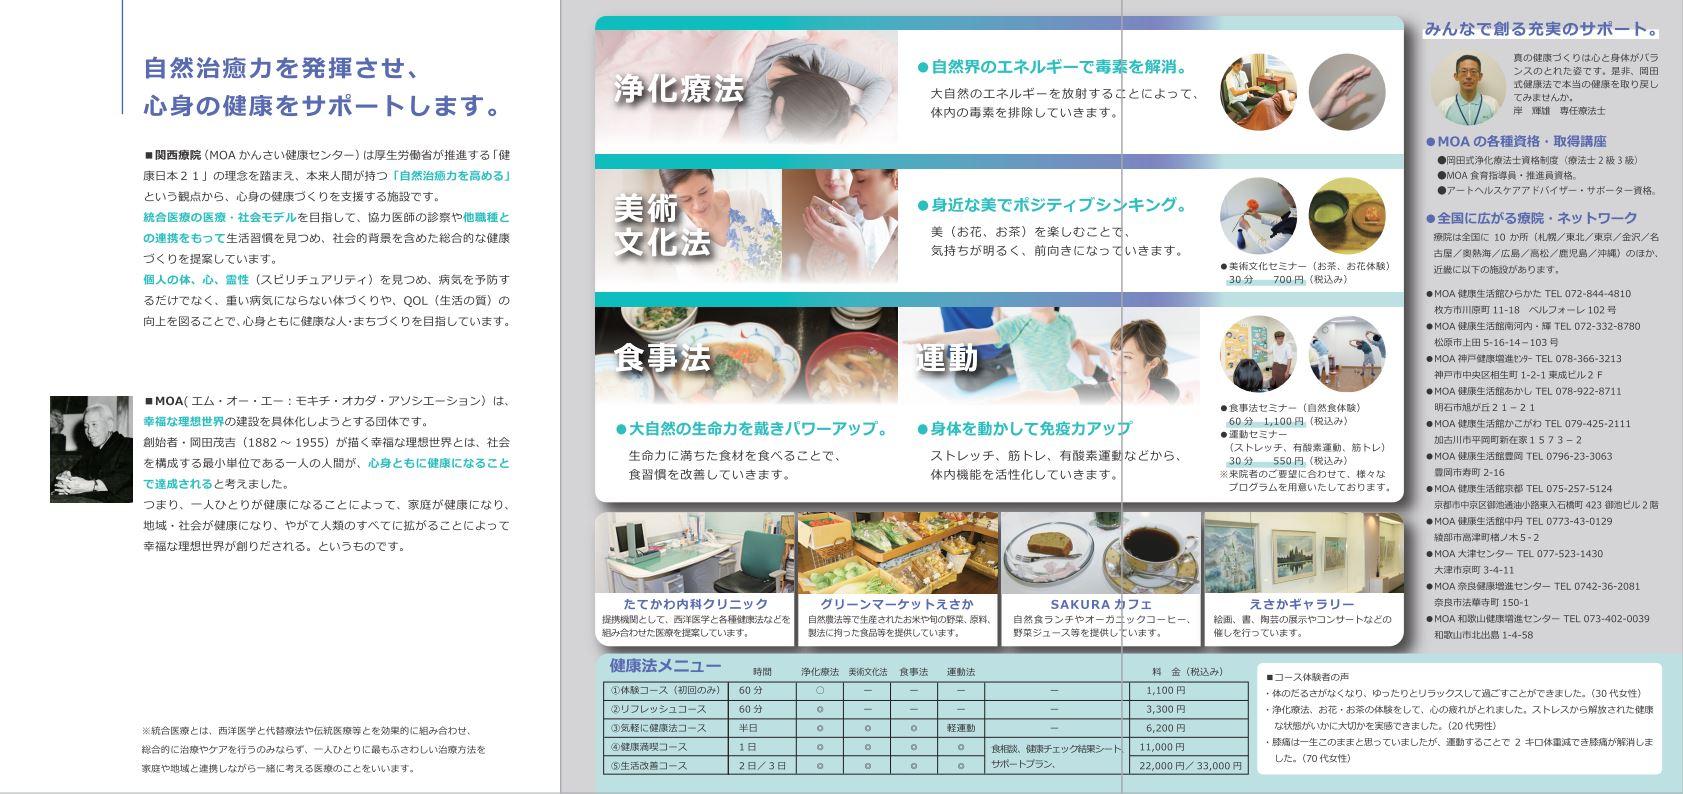 関西療院パンフレット(2020)内.jpg